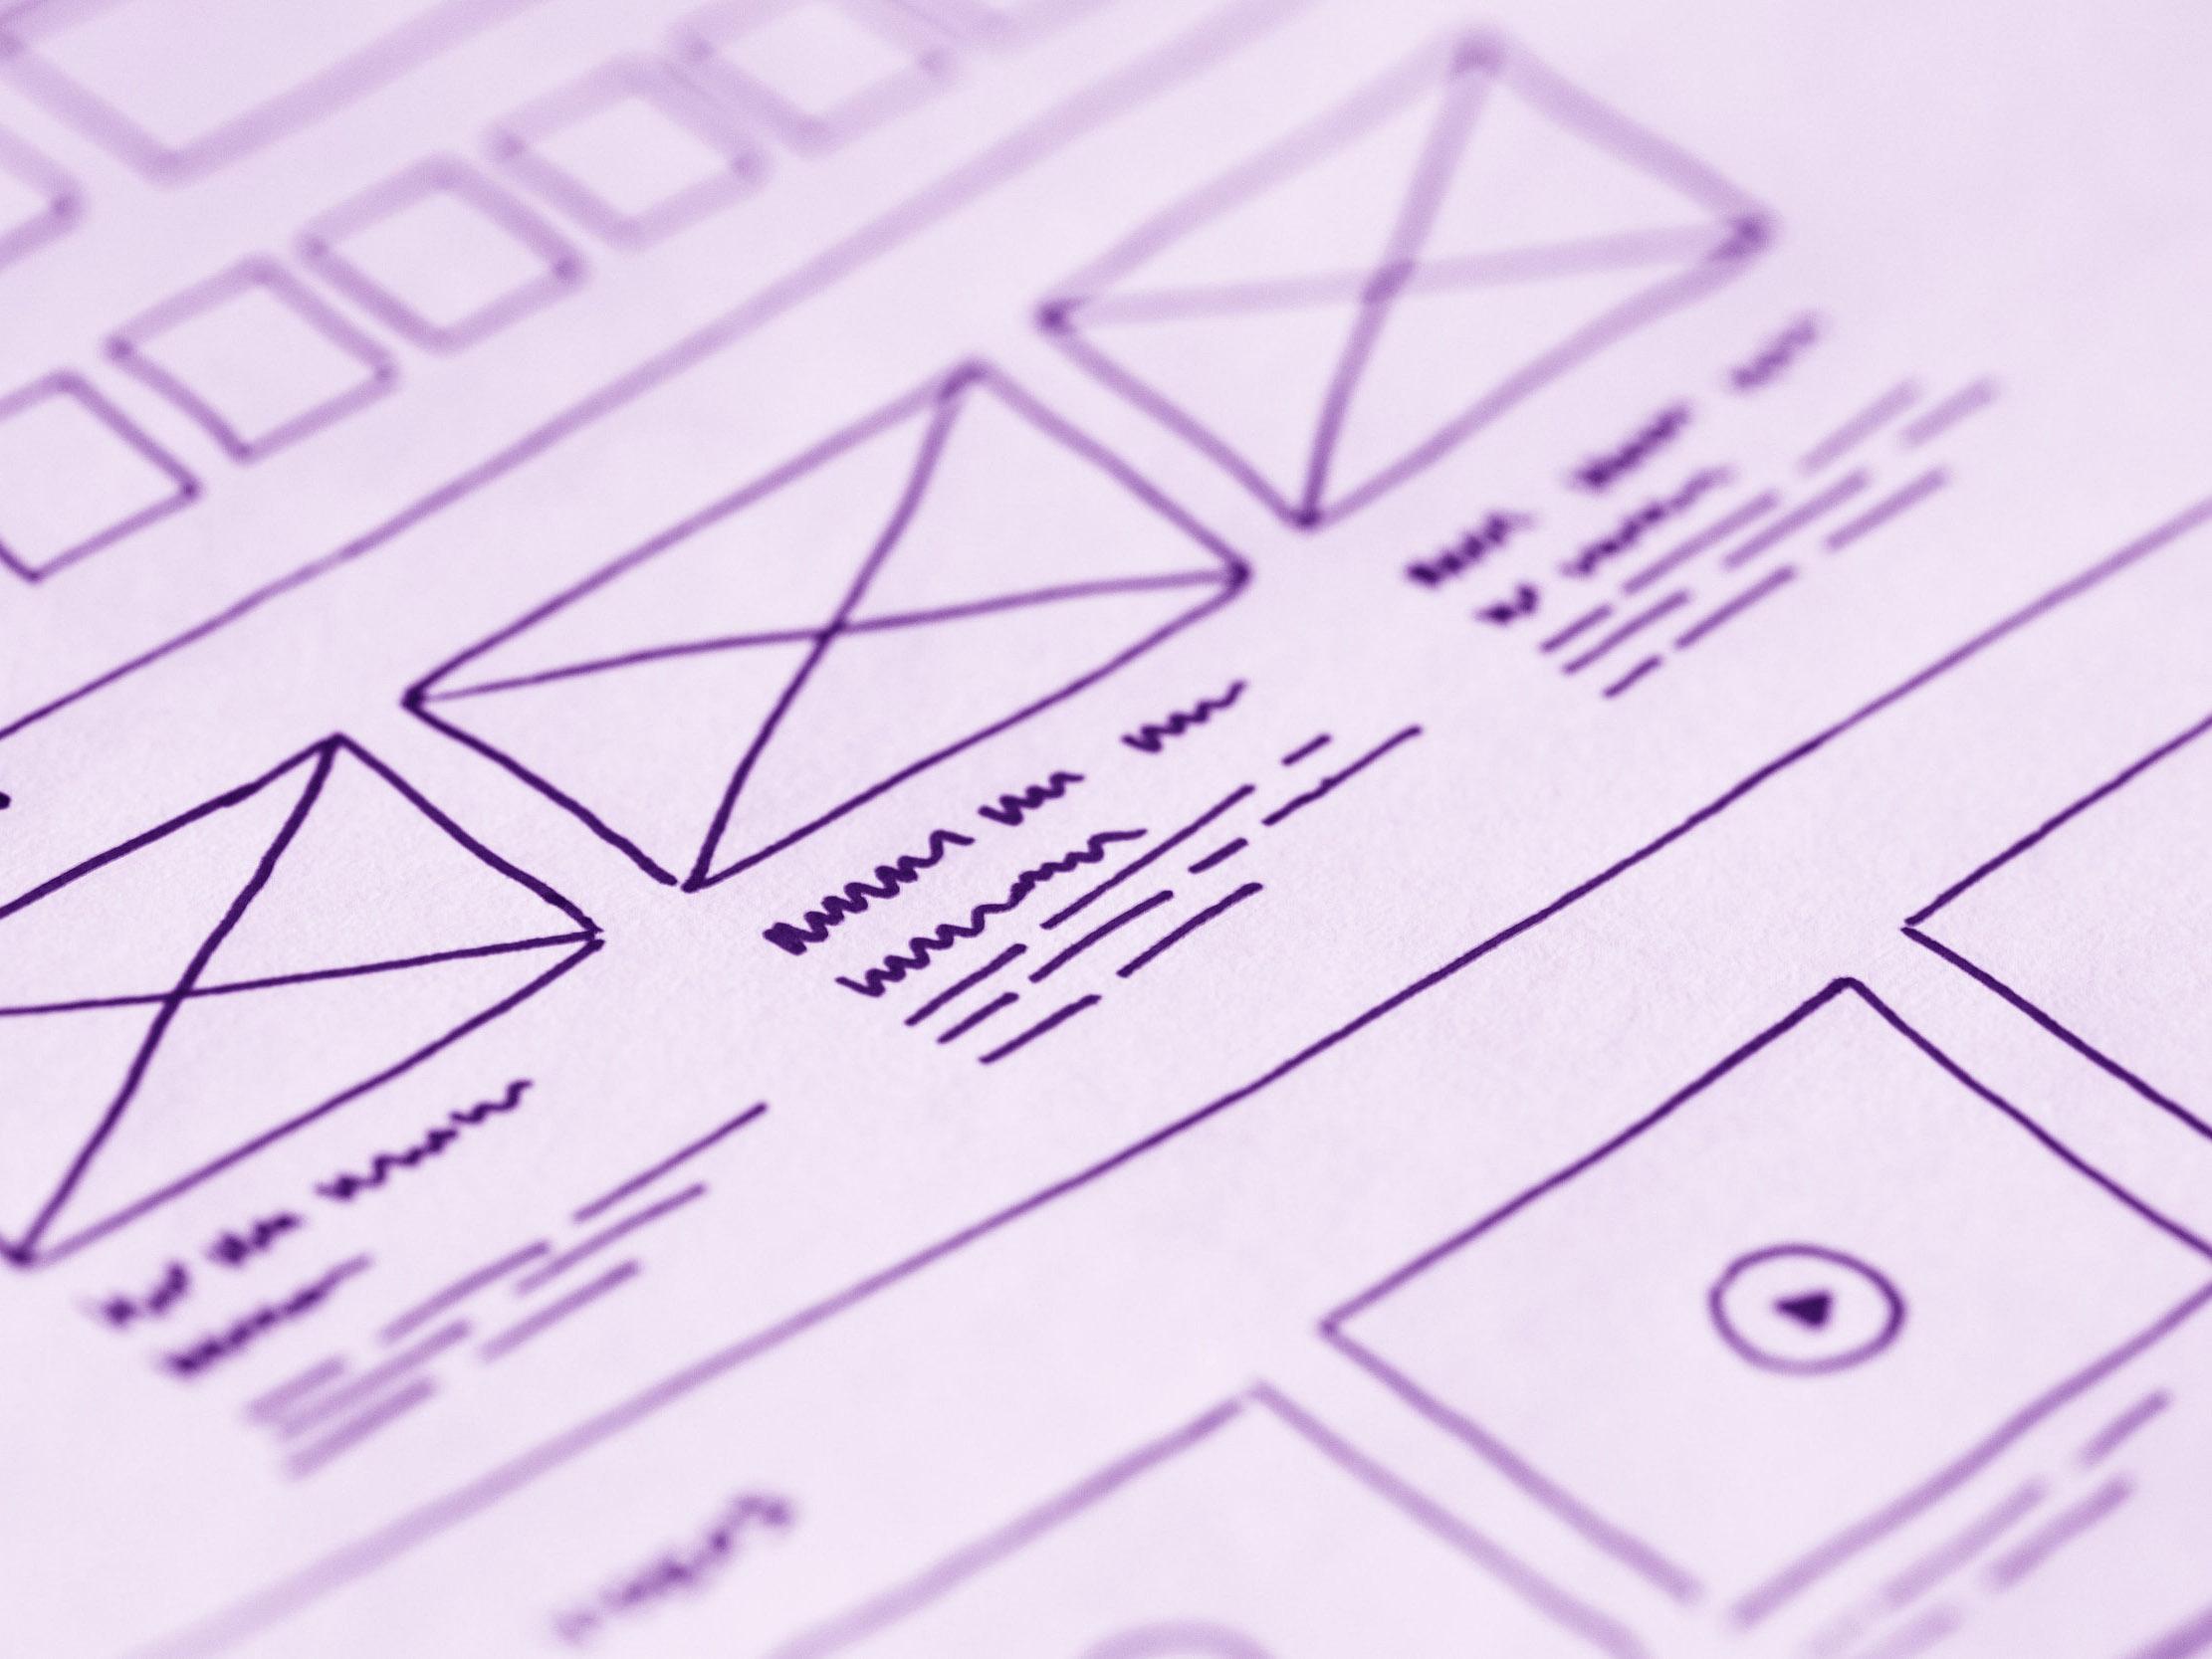 Design créatif - Nous concevons des sites Web du point de vue du visiteur, en utilisant une technique appelée User Experience Design (UXD). Le résultat est un site Web qui réunit la forme et la fonction magnifiquement pour engager les visiteurs du site Web.